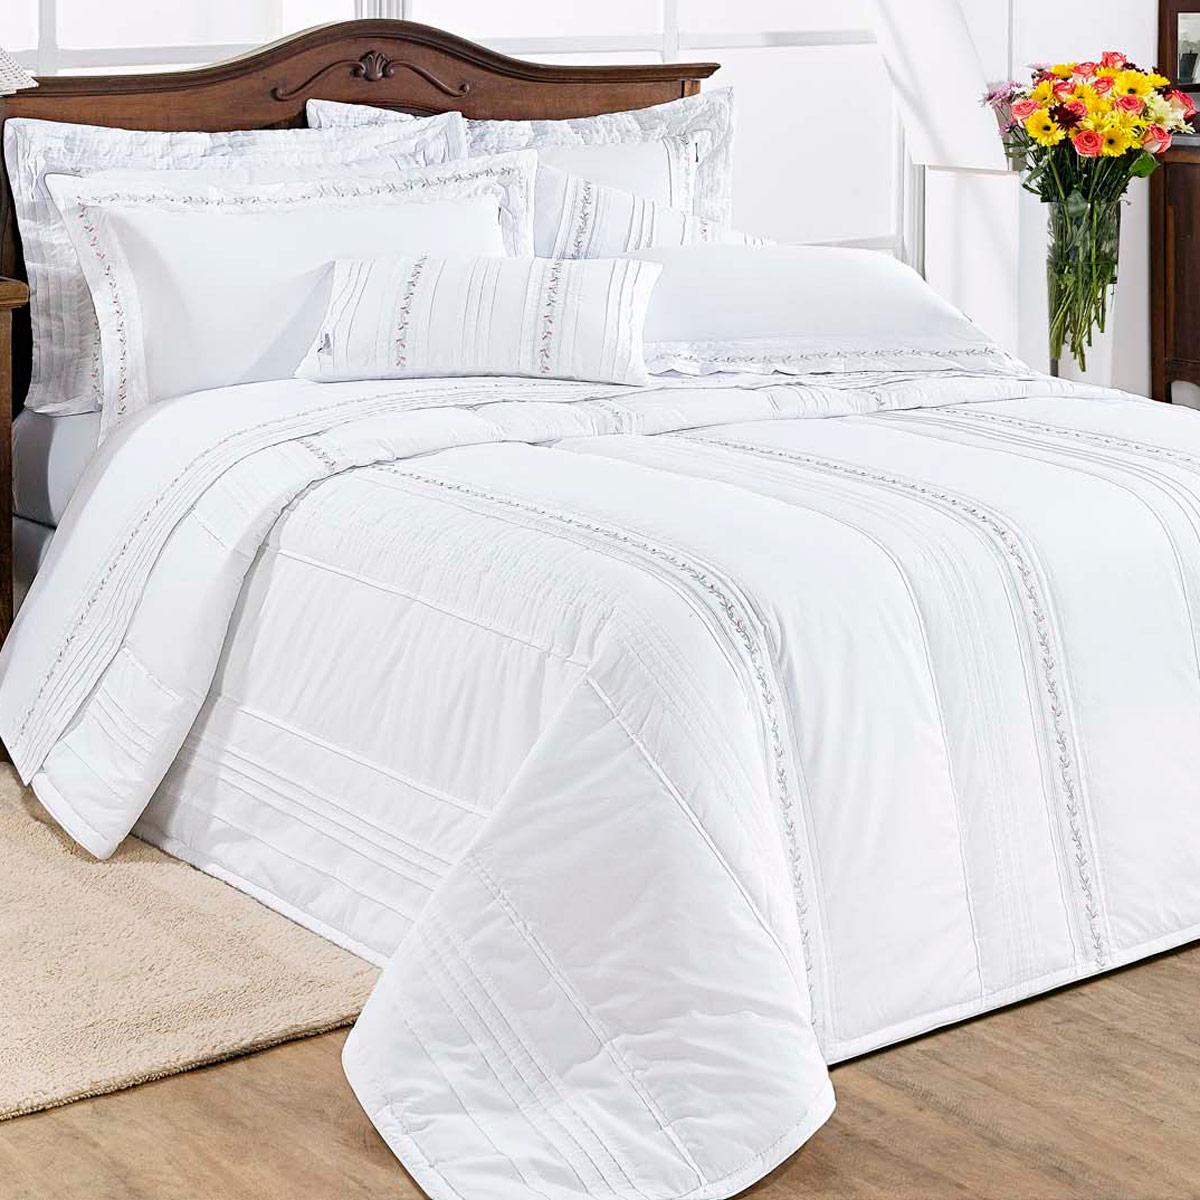 Colcha de cama queen branco percal 200 fios com 7 pe as - Colchas para camas de 150 ...